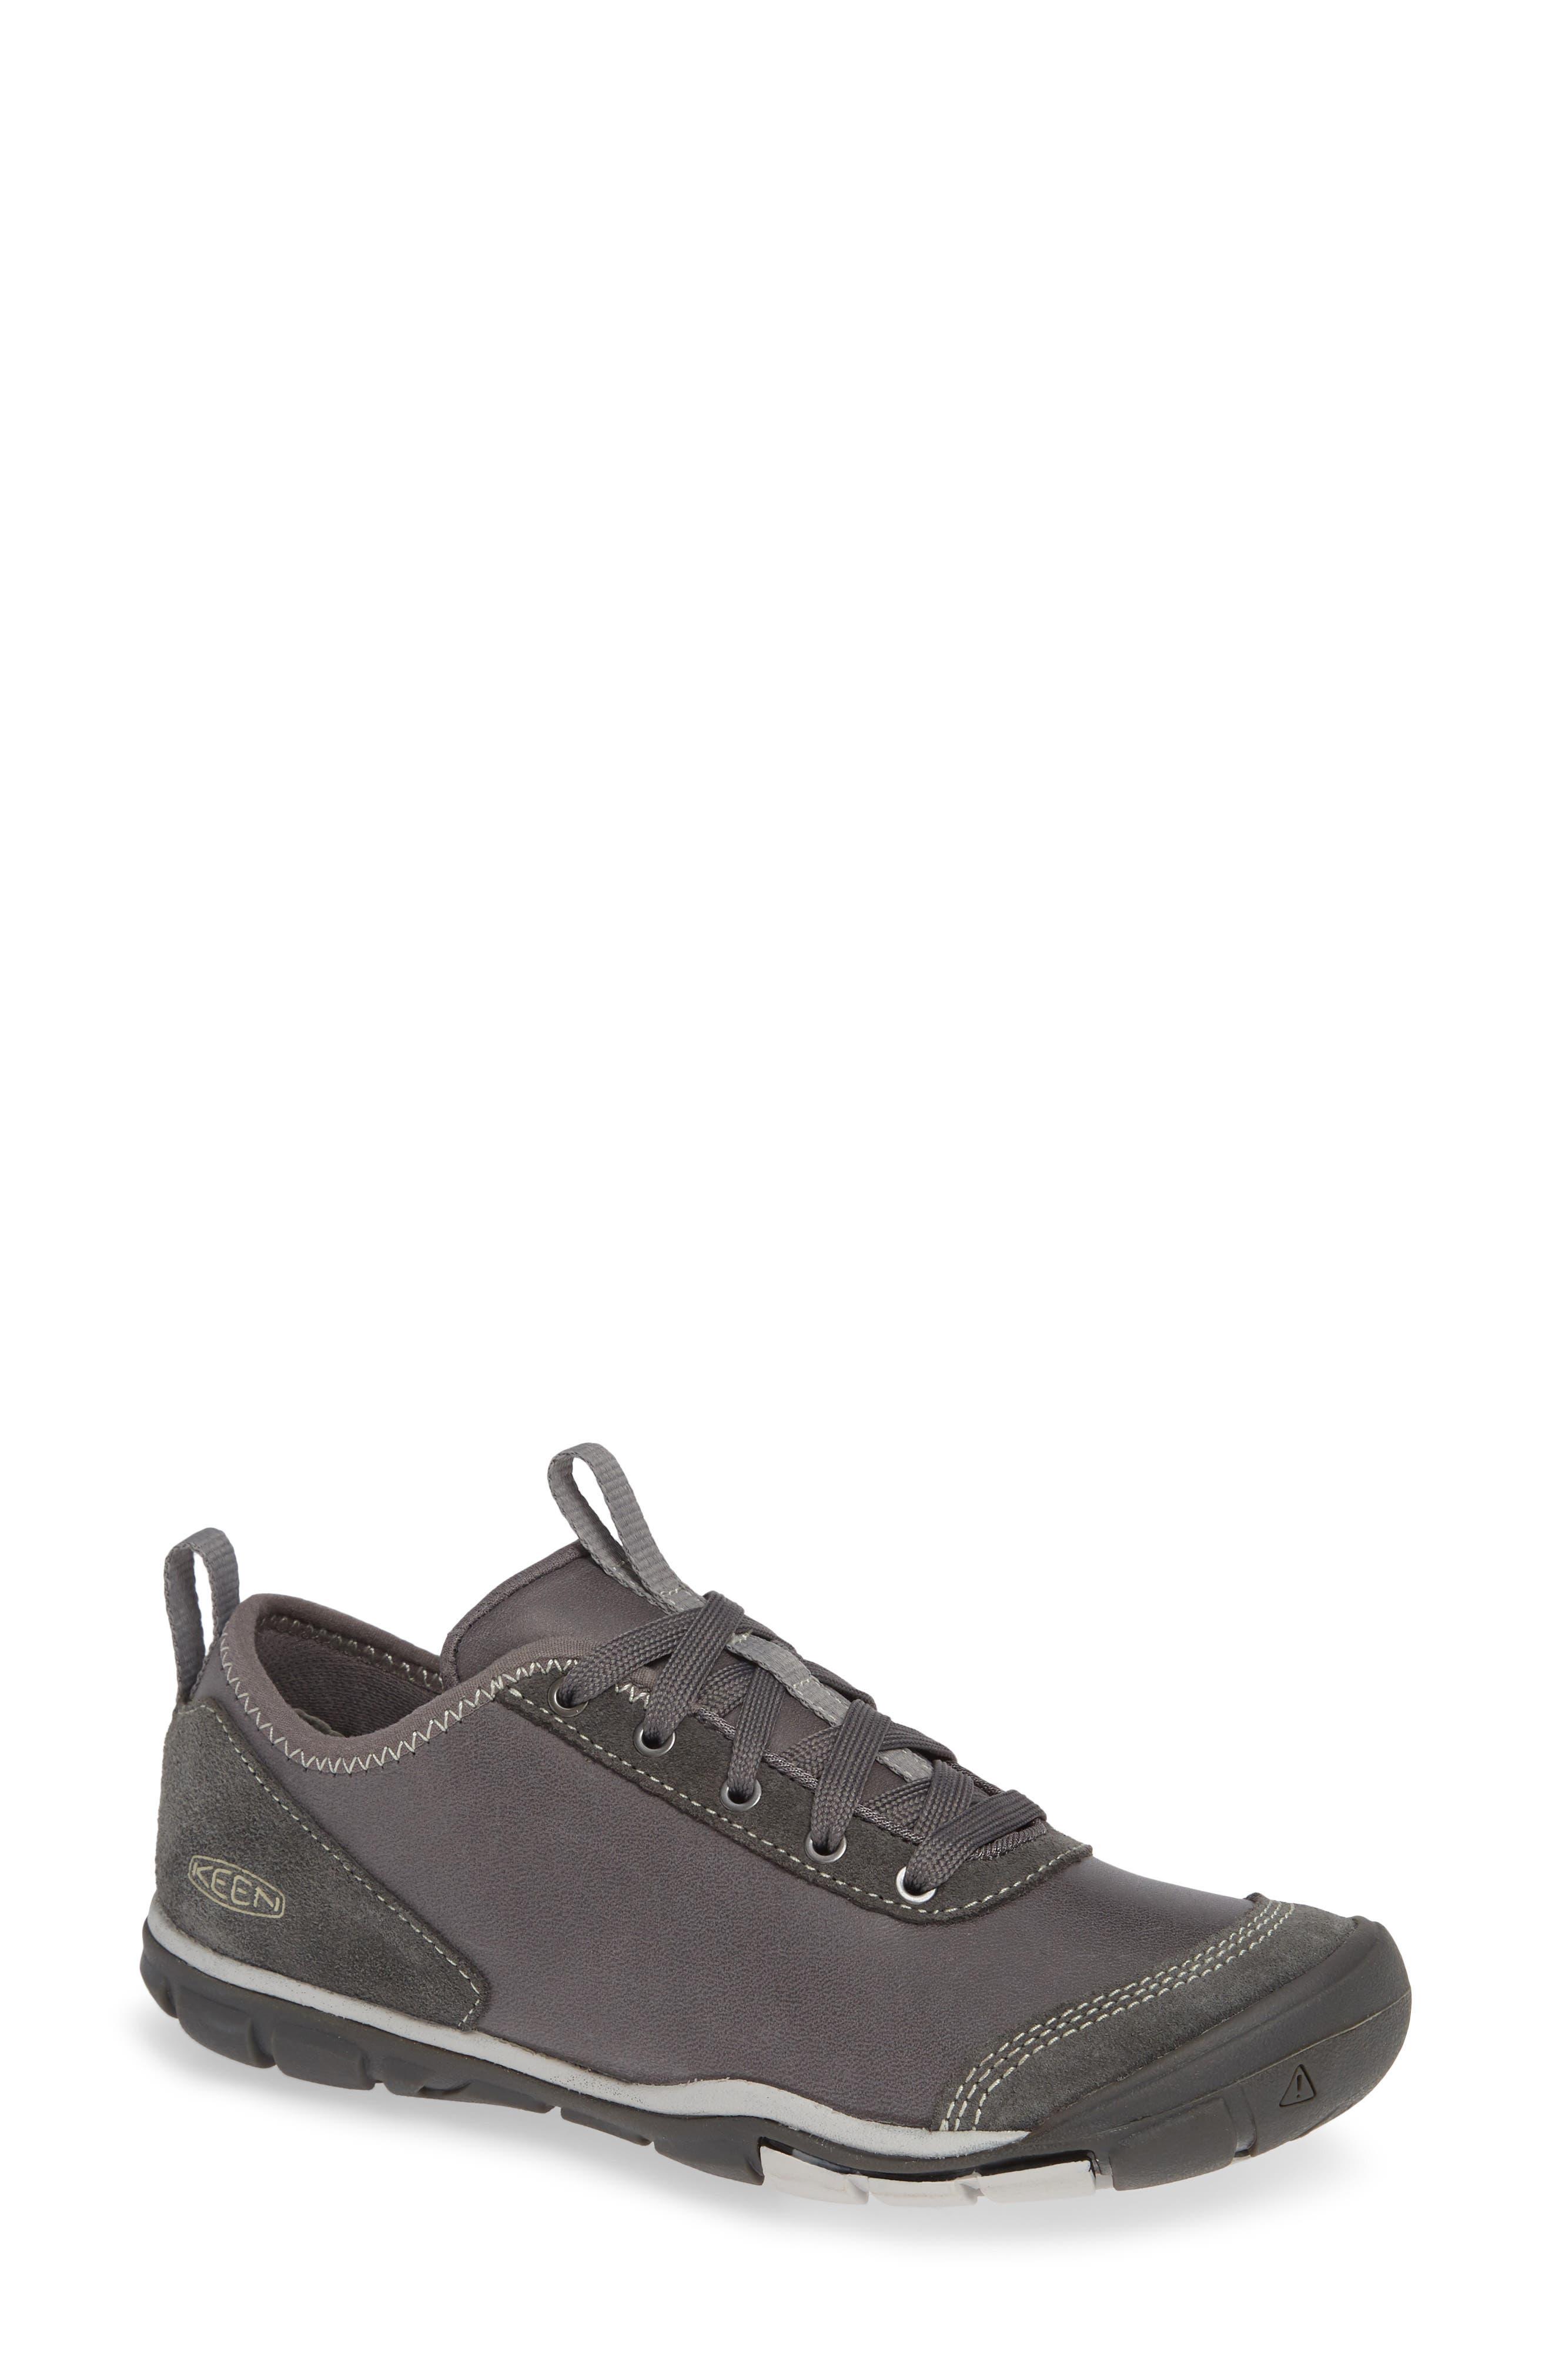 Keen Hush Lea Sneaker- Grey